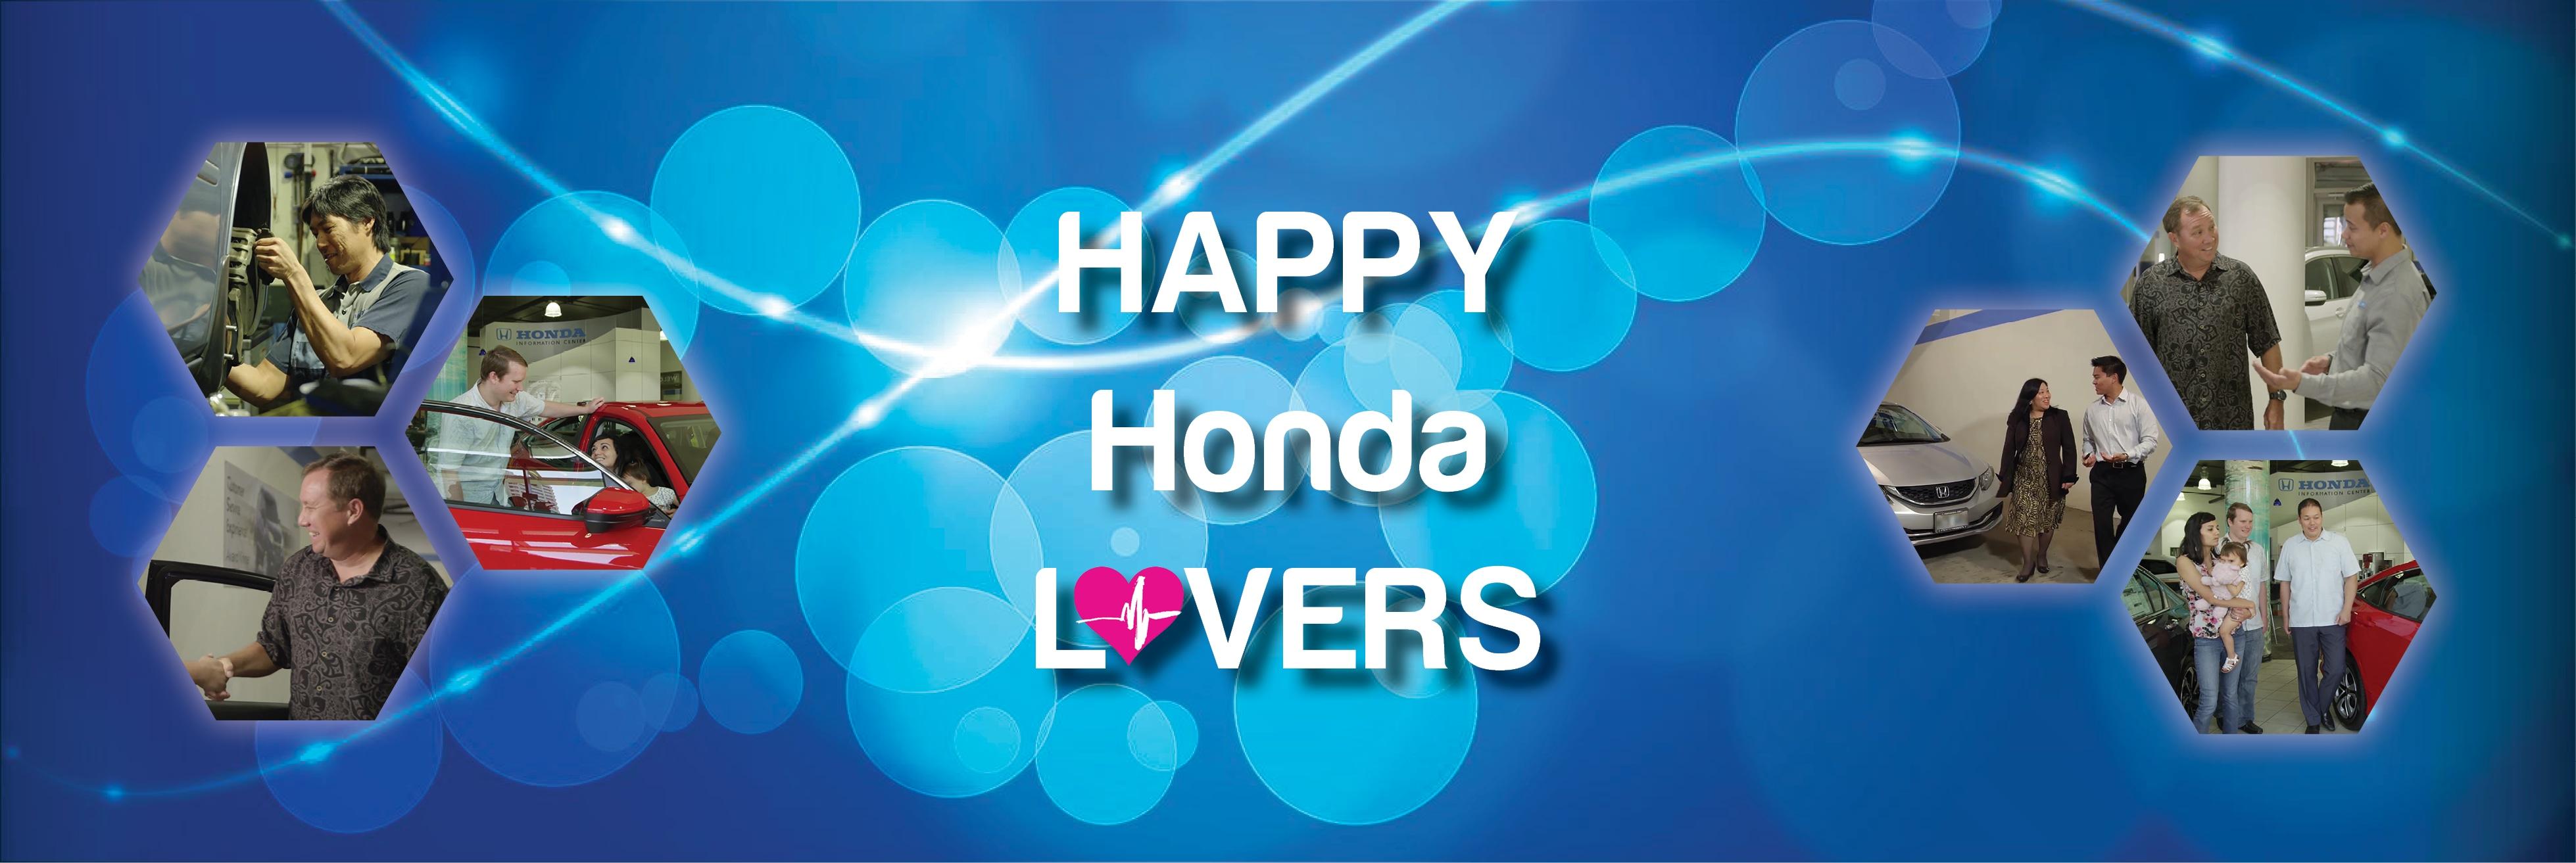 Pacific Honda: Honda Dealership Honolulu HI